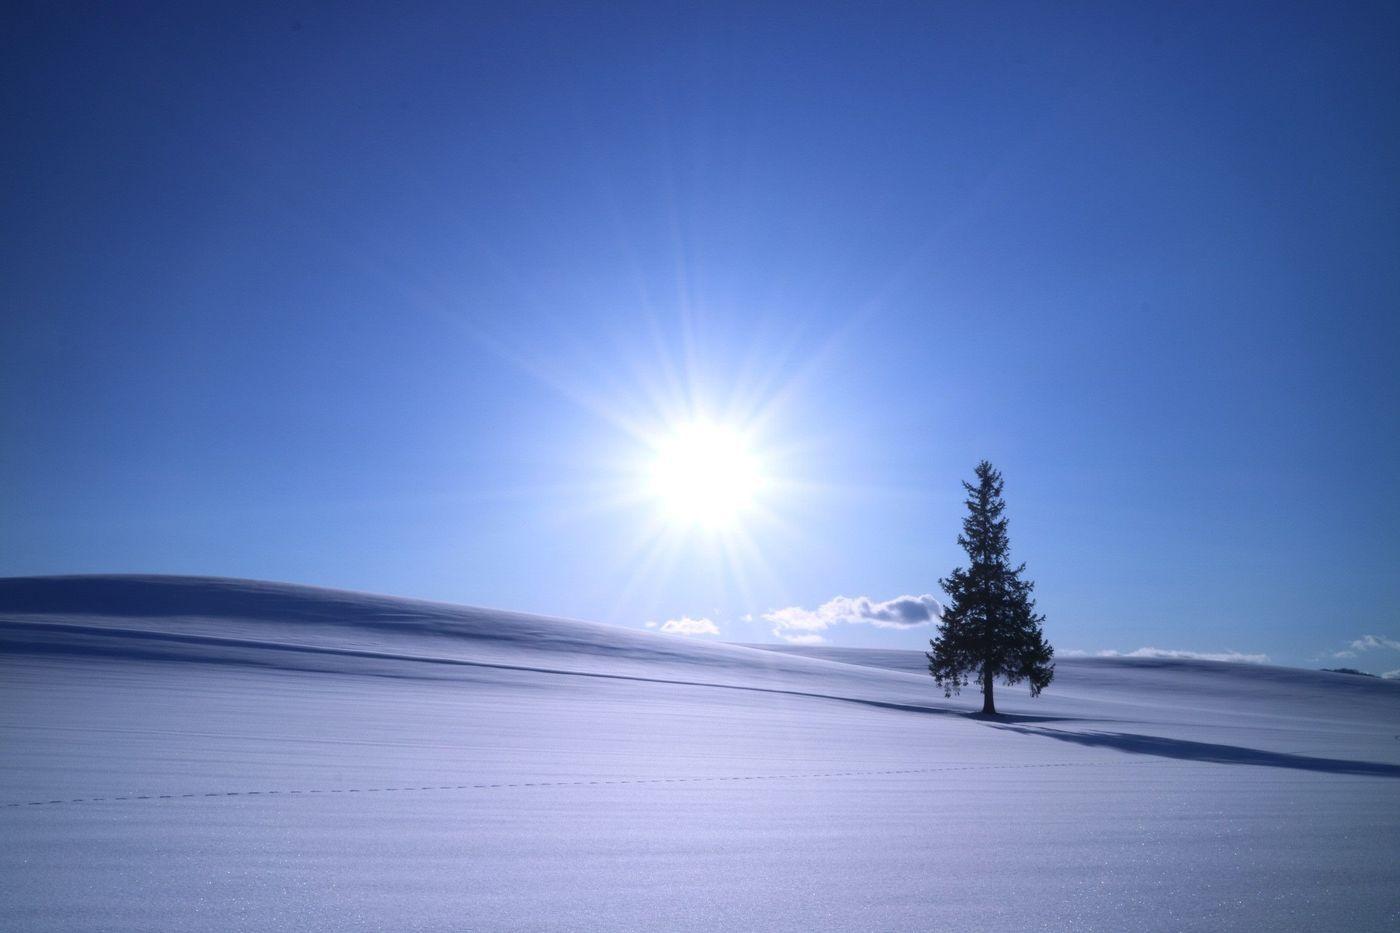 【北海道の絶景】北海道美瑛町にある「クリスマスツリーの木」をご紹介!/aumo【アウモ】